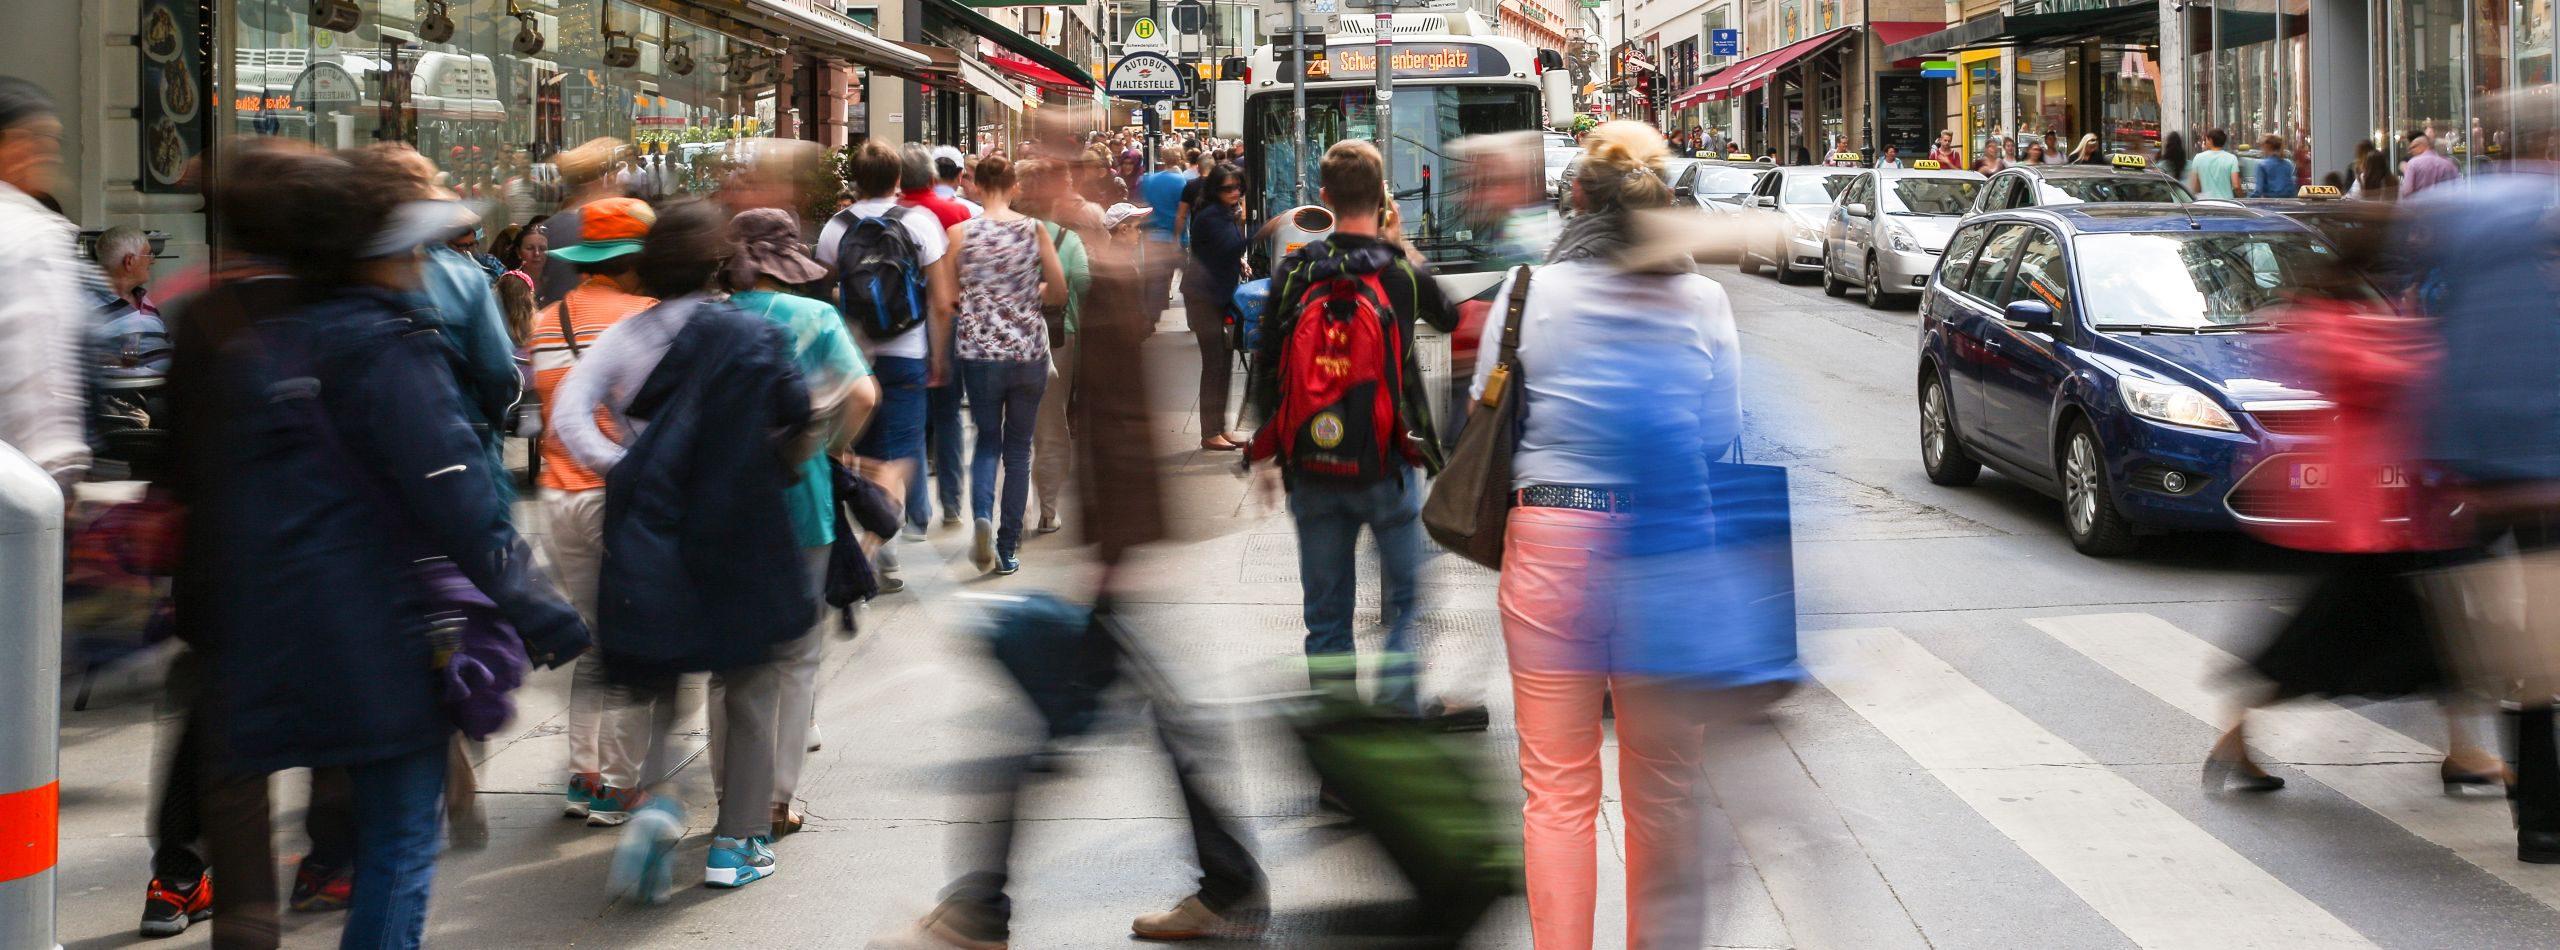 Menschenmenge auf der Rotenturmstraße im 1. Bezirk Wiens.